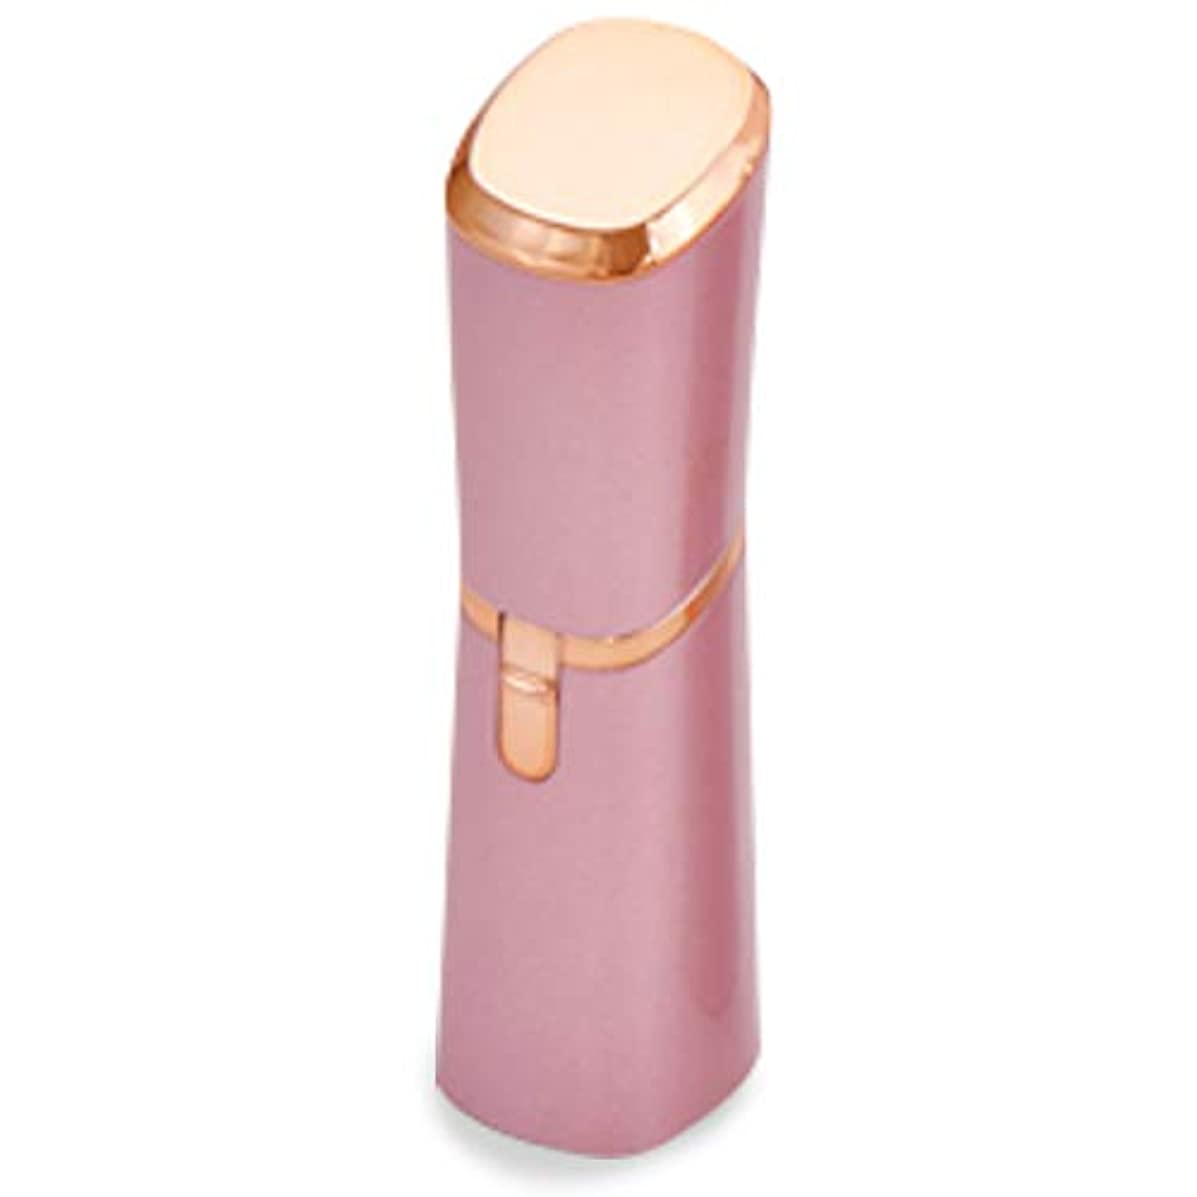 リップスティック型シェーバー Sorouge(ソルージュ) ピンク